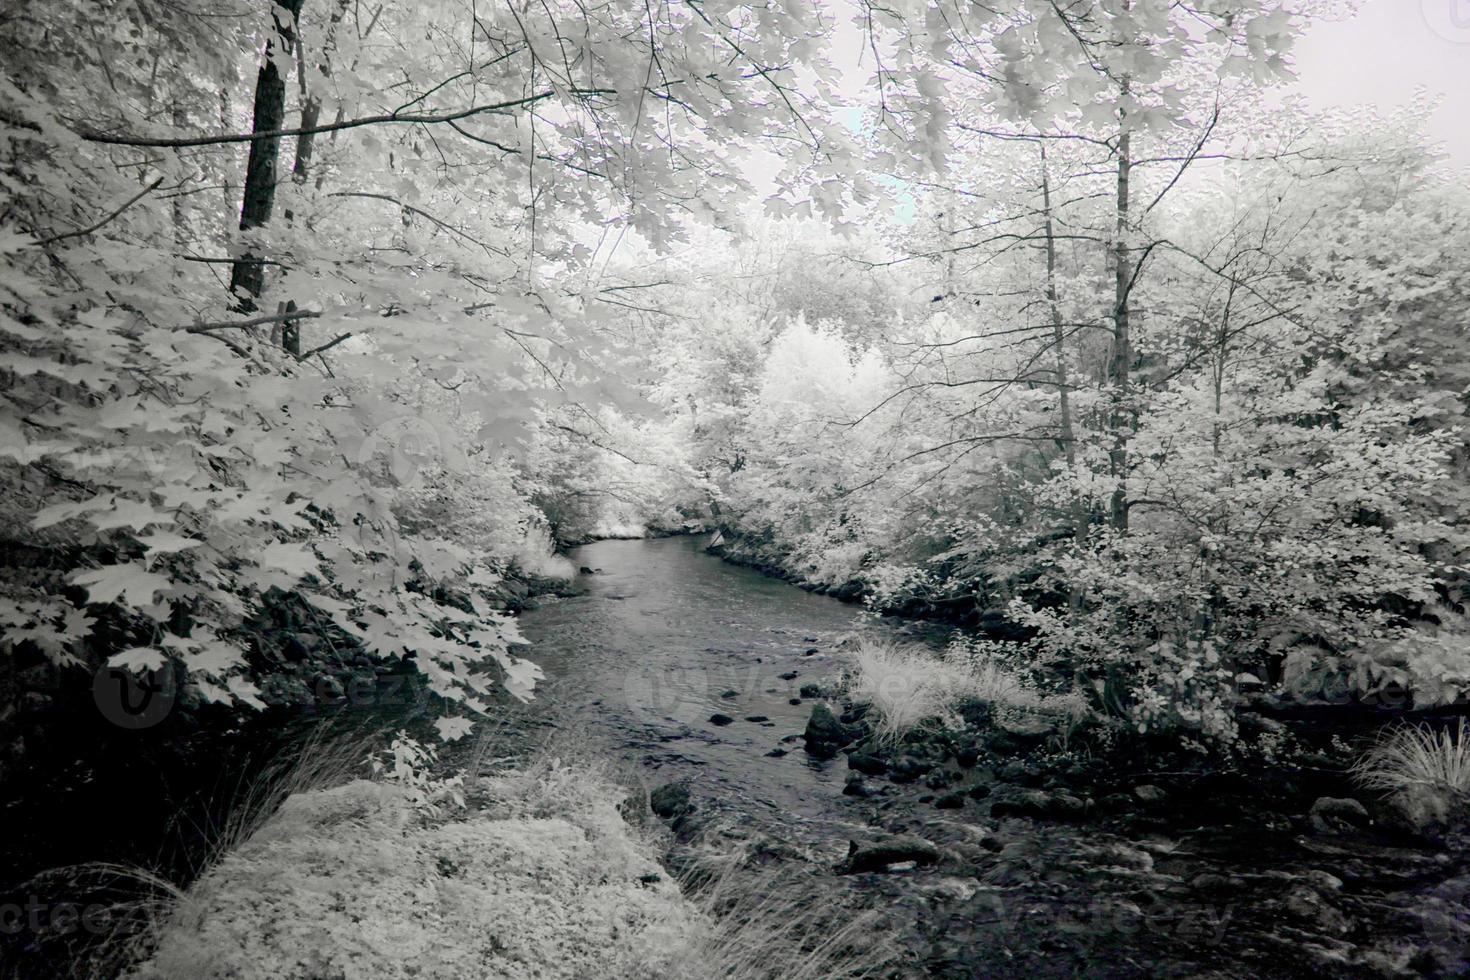 río lento foto